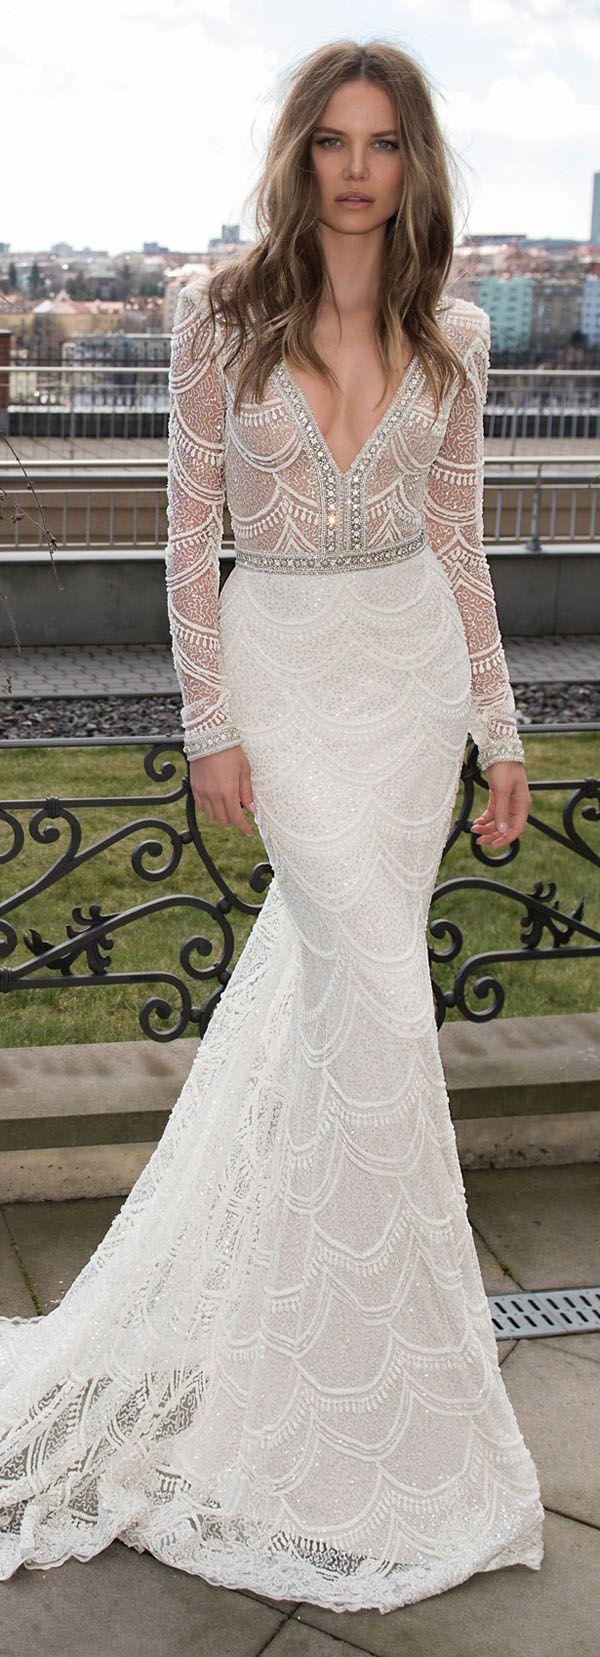 berta bridal v neck sequins vintage wedding dresses for fall 2015